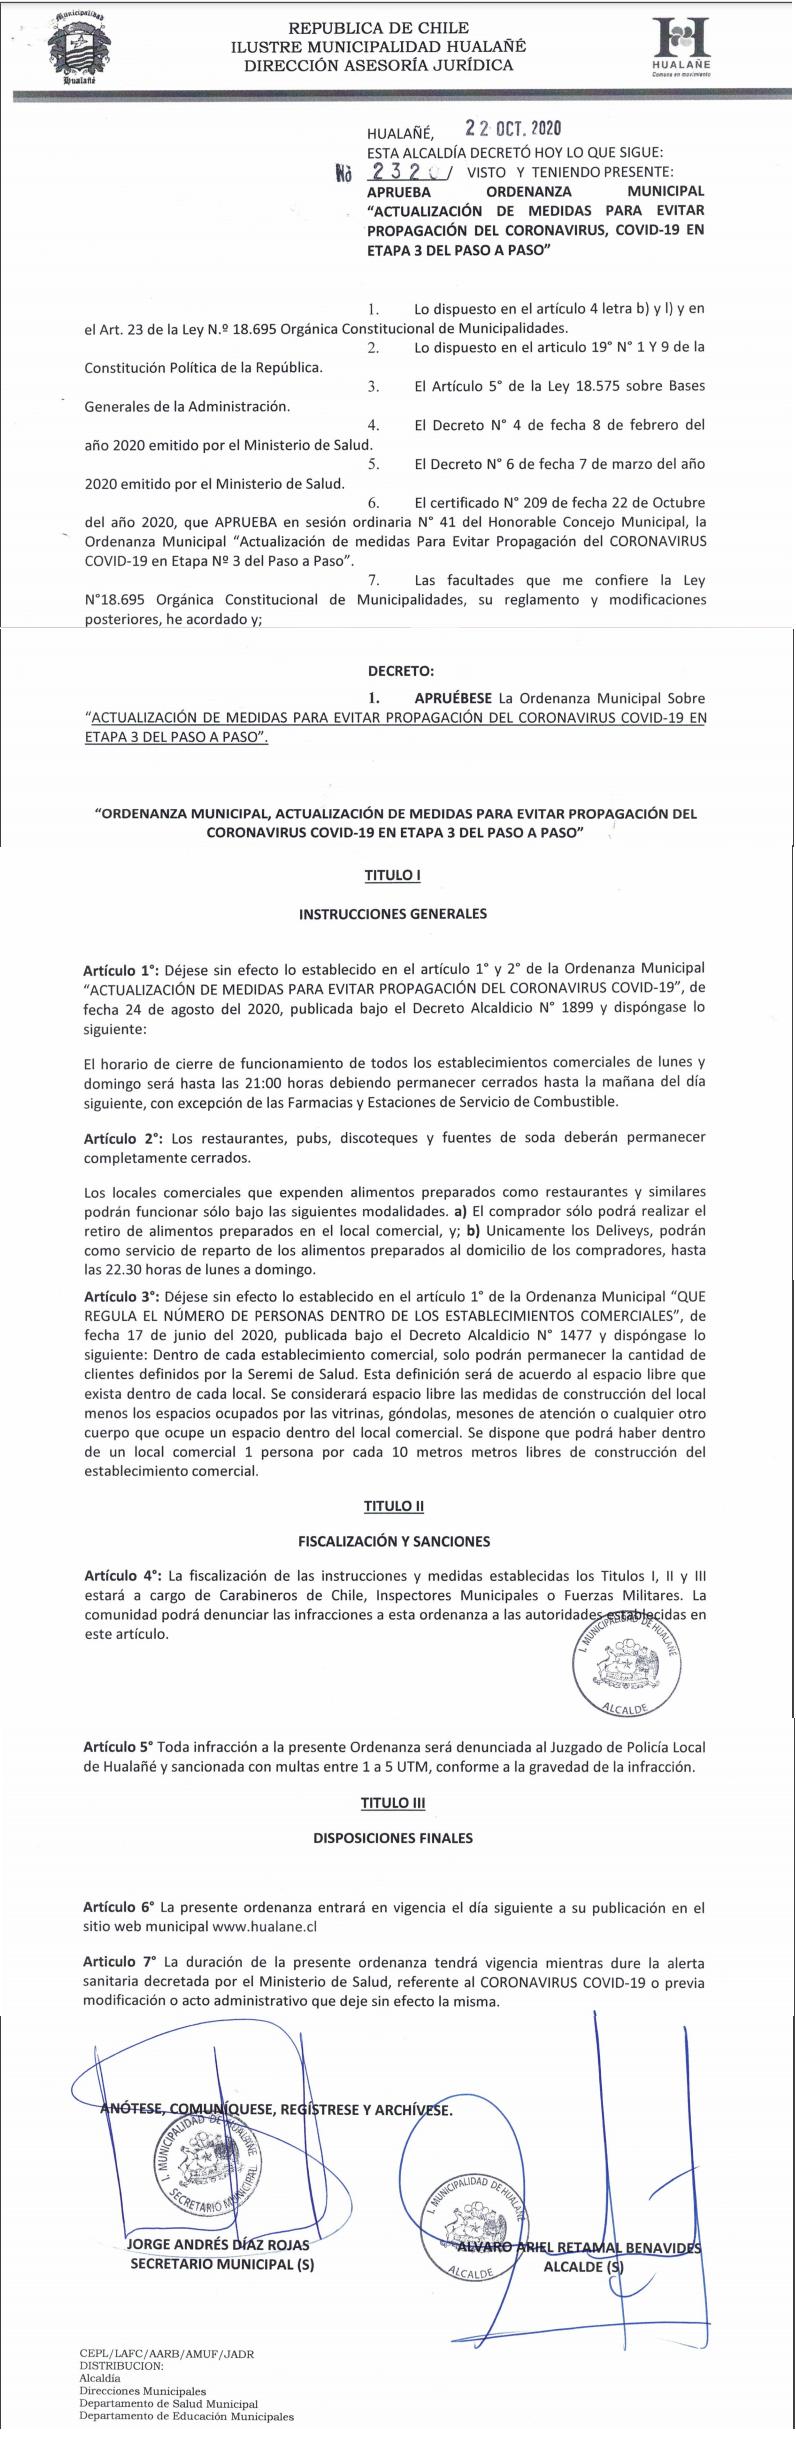 Decreto 2320